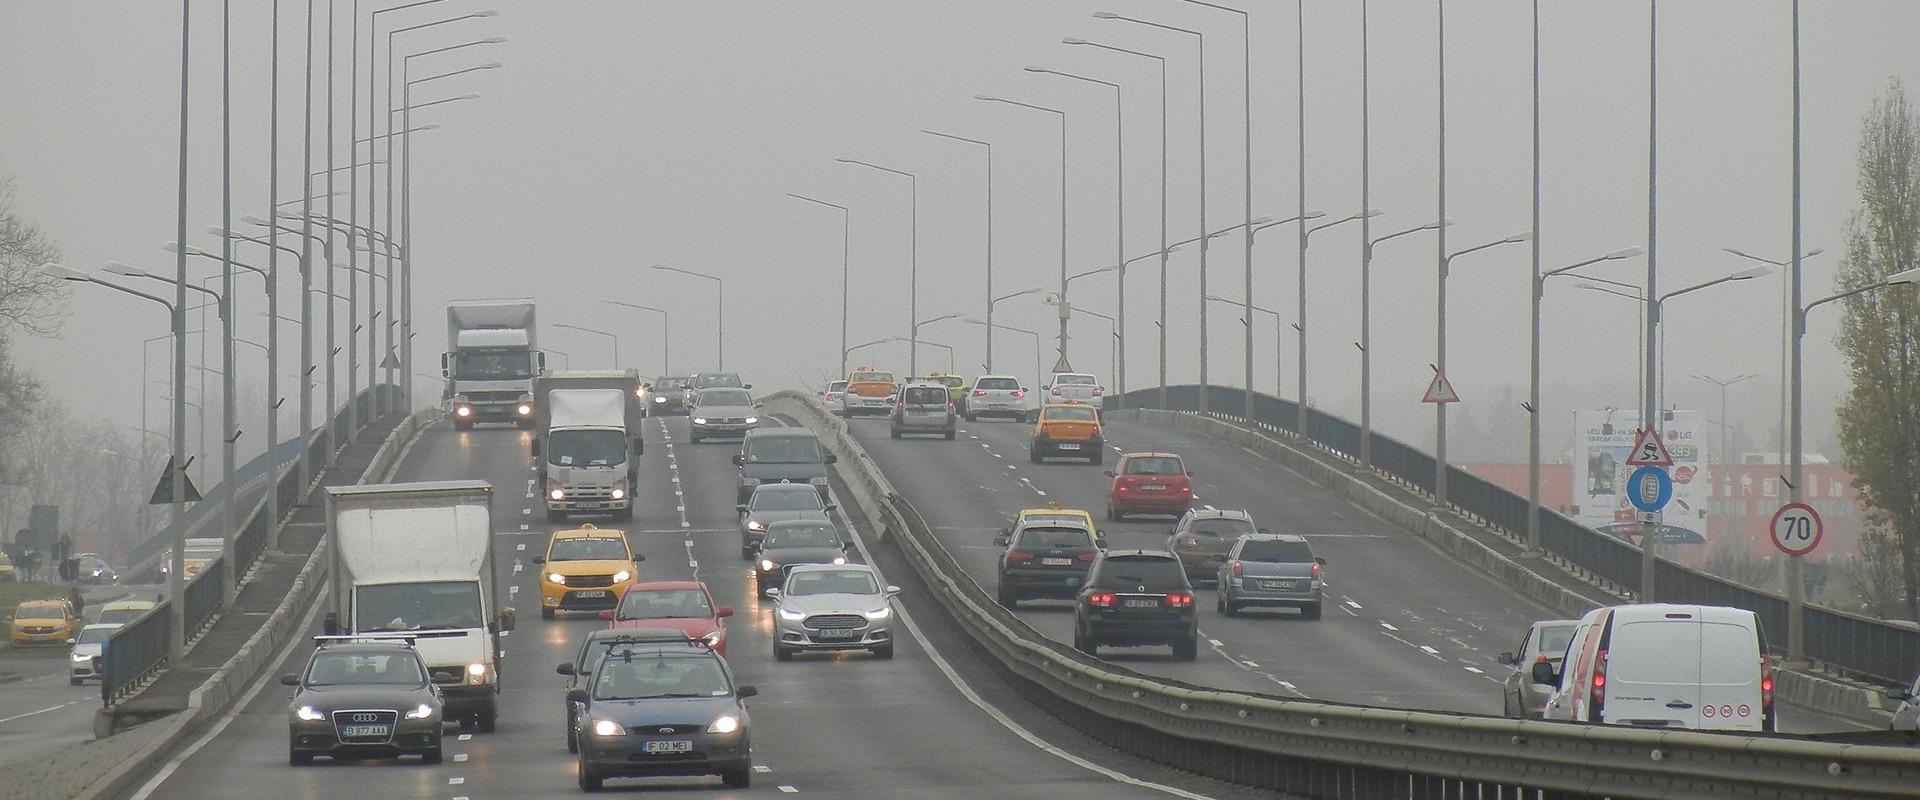 不只傷呼吸道! 汽機車廢氣恐增骨鬆風險